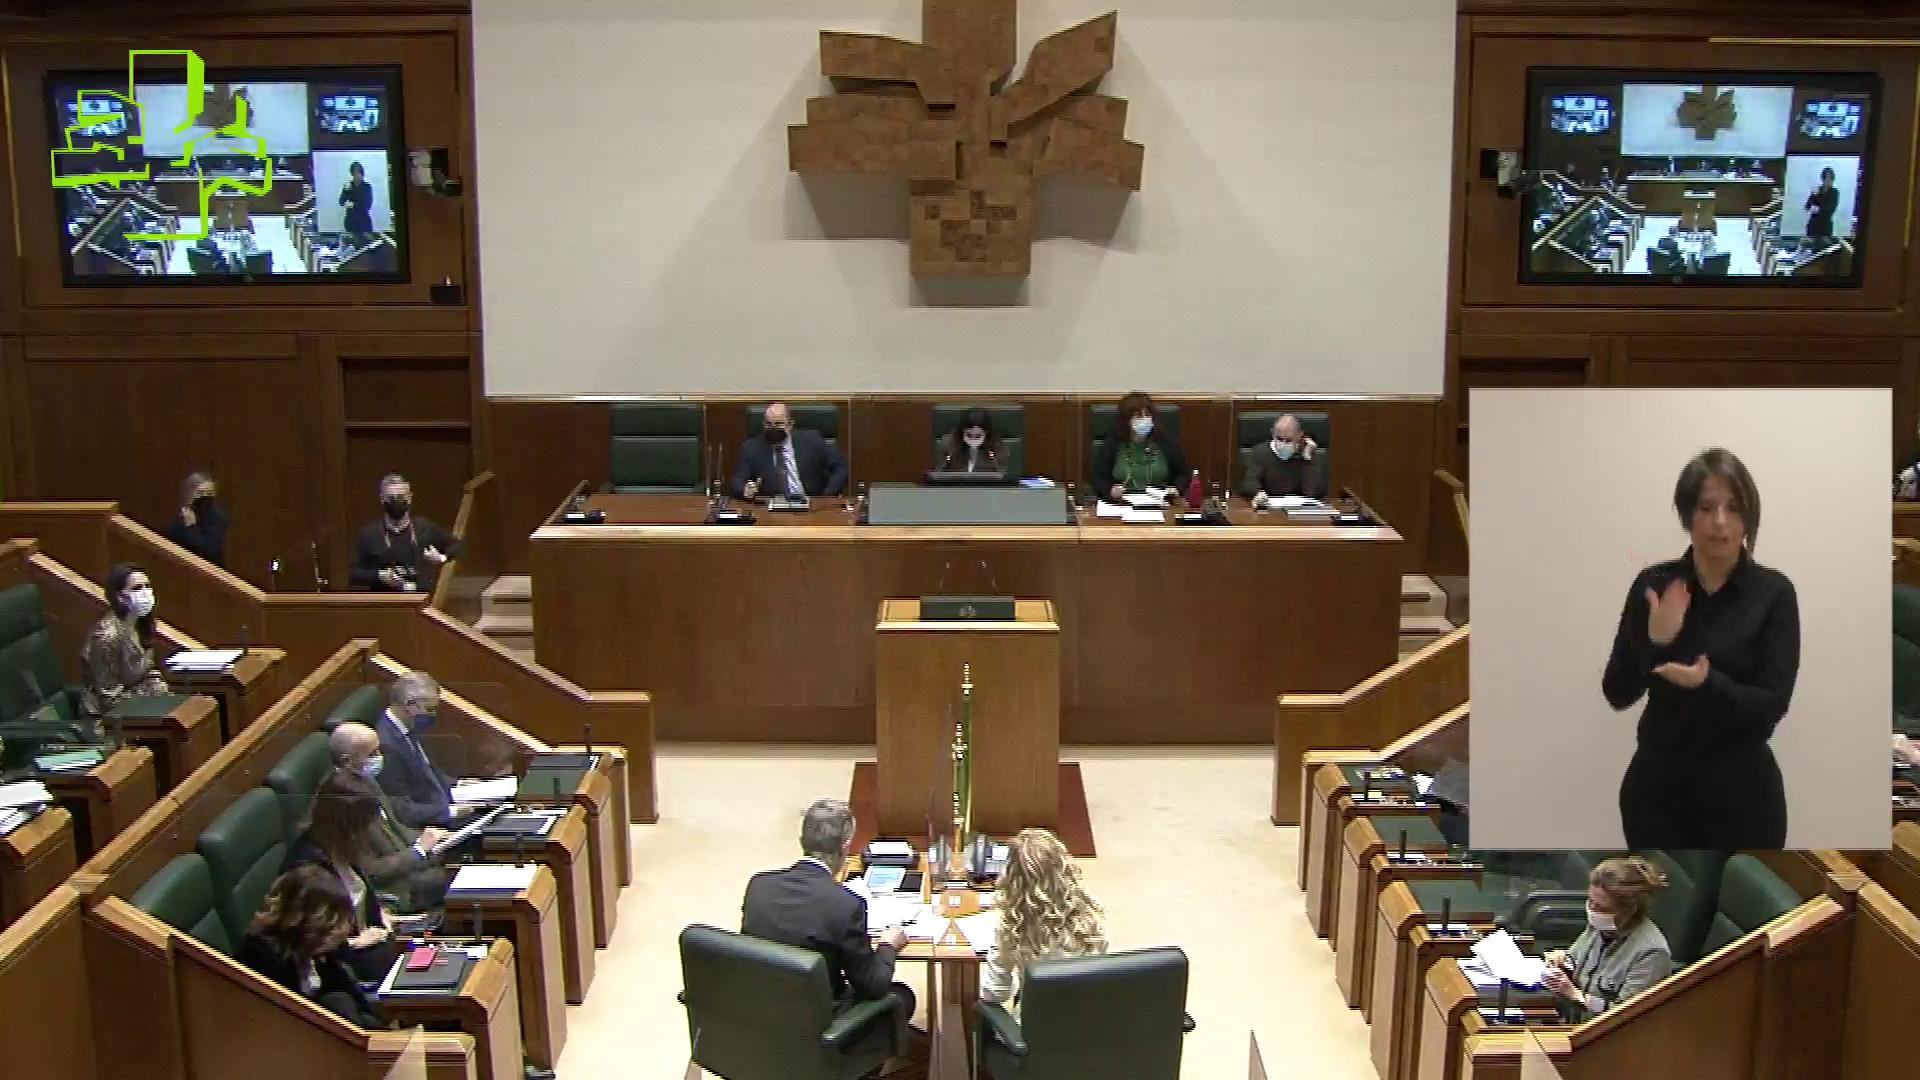 Pleno Ordinario (11/2/2021) [188:10]